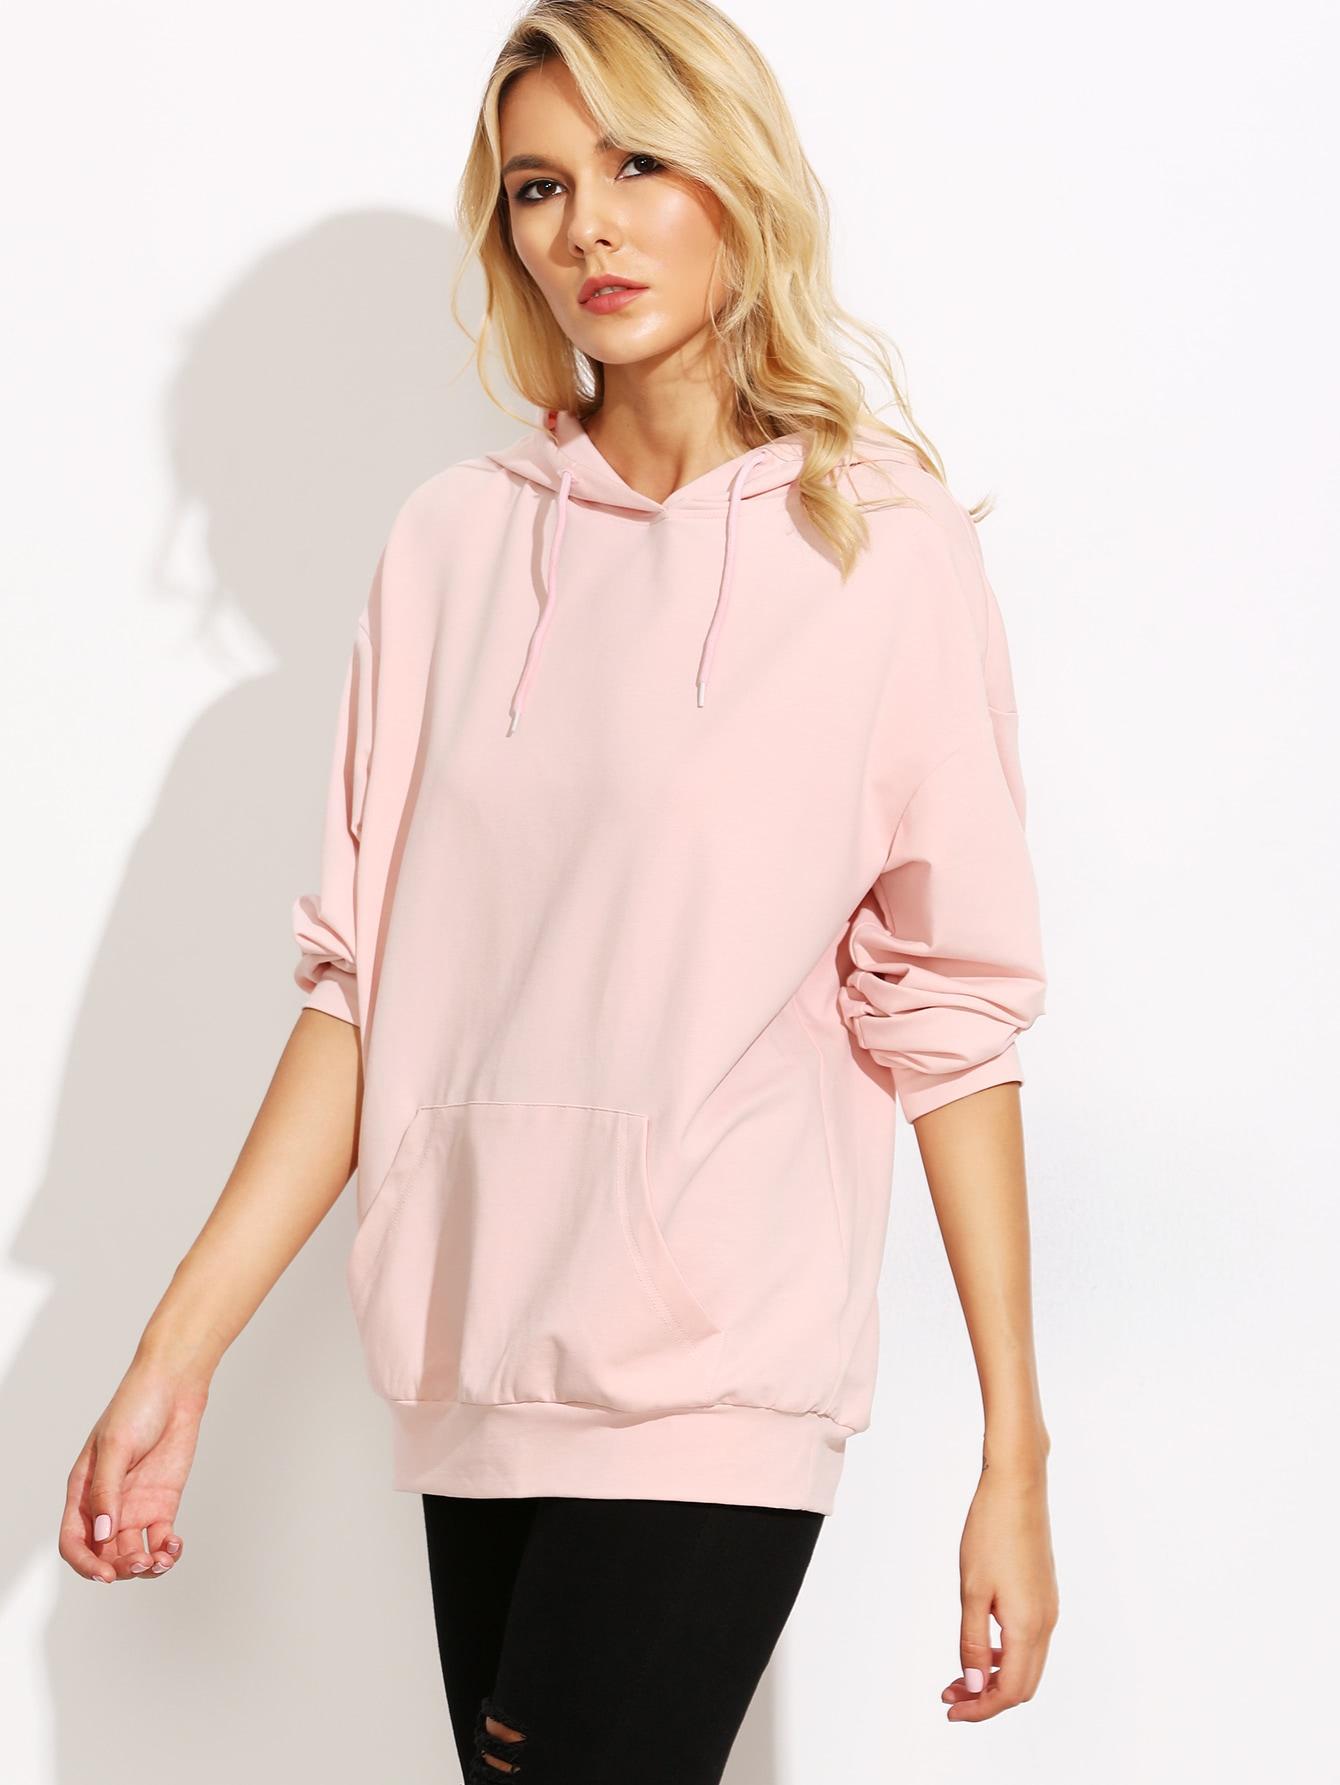 sweatshirt160825703_2